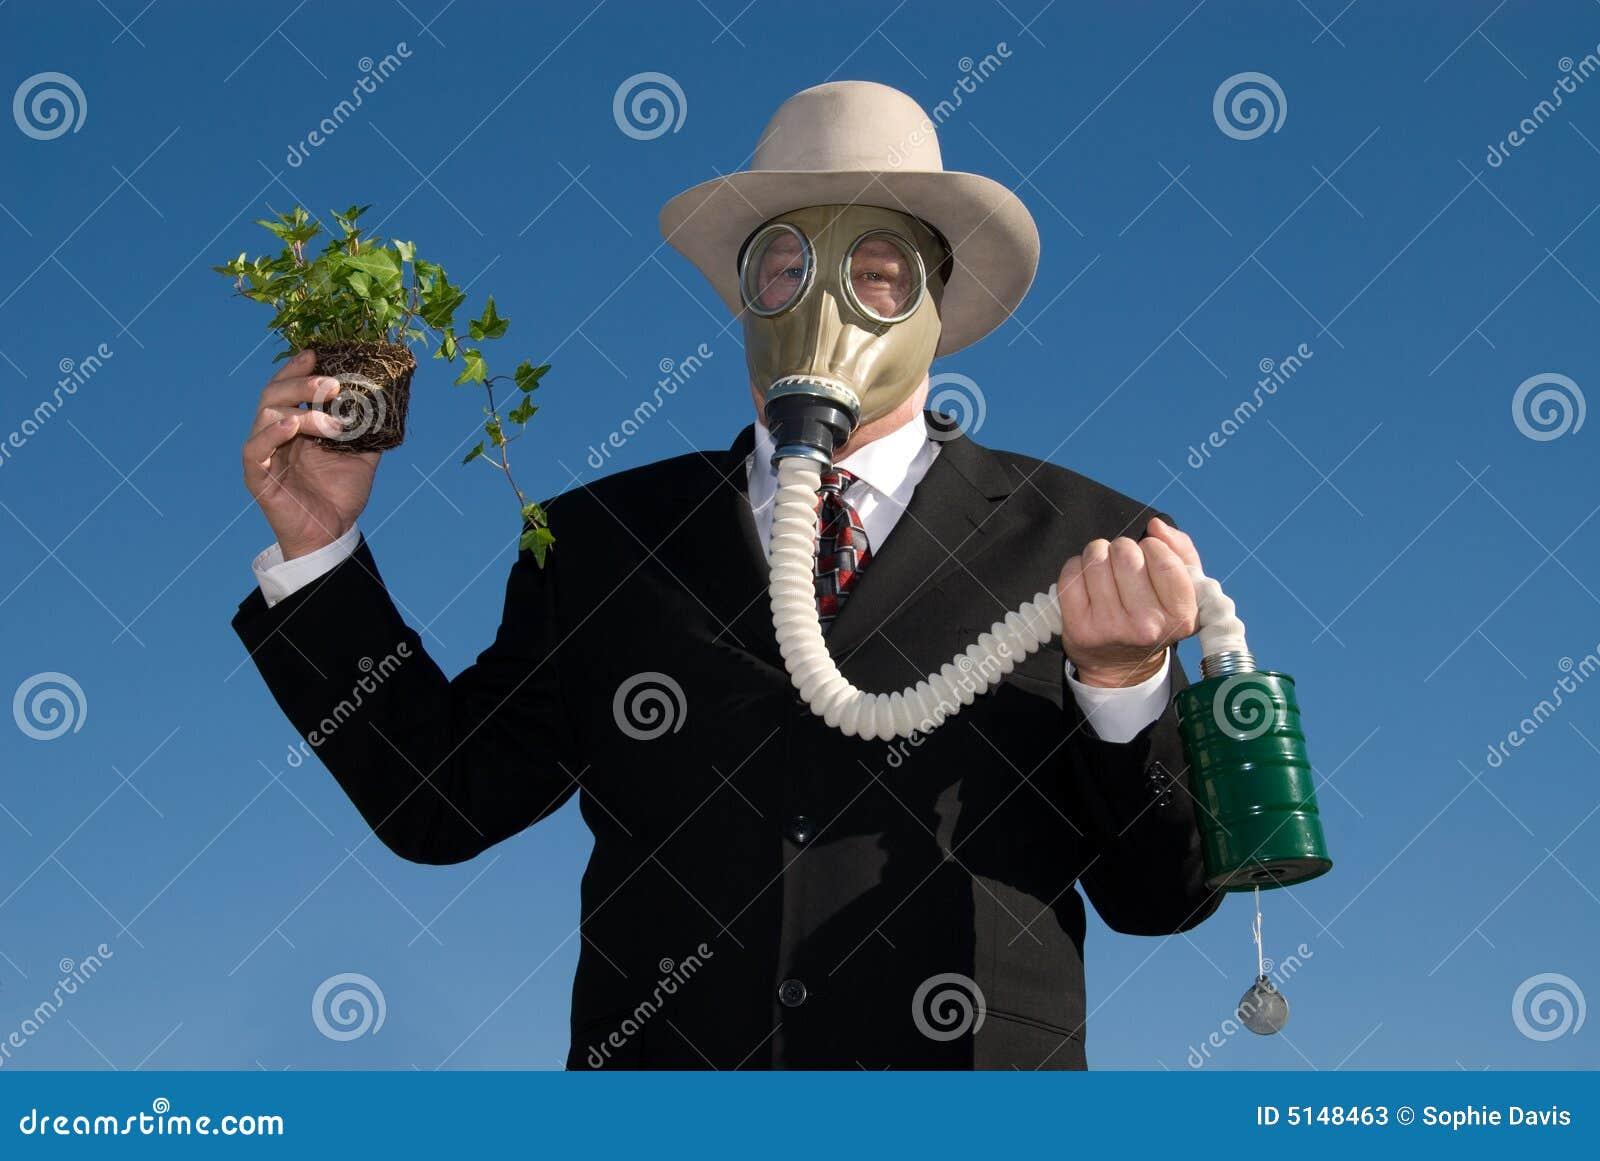 Mann mit Gasmaske u. Anlage.